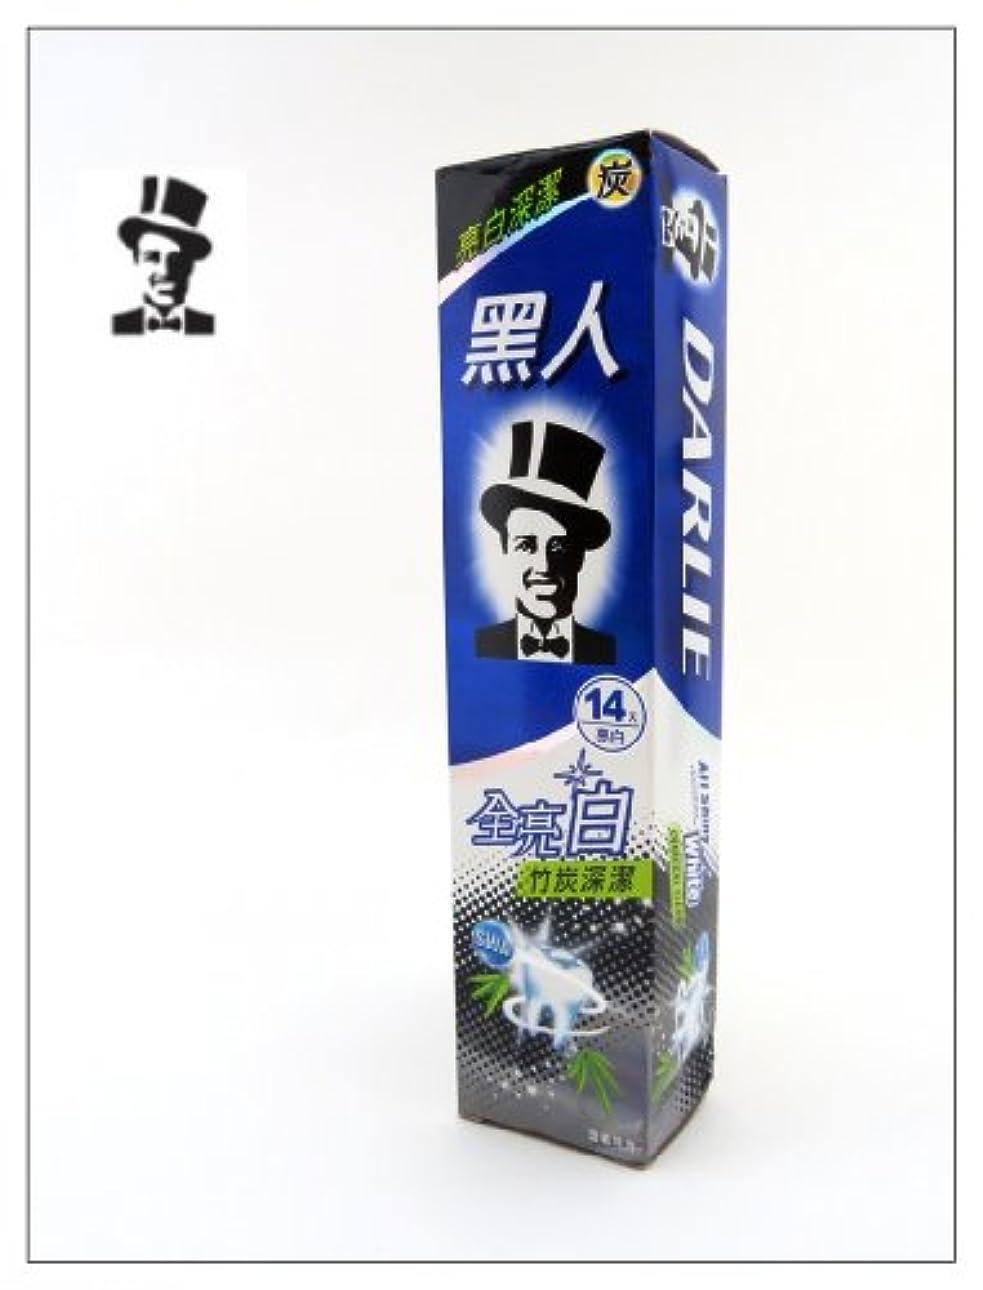 アトミック上下する電気陽性黒人 歯磨き 全亮白竹炭深潔 140g 台湾製